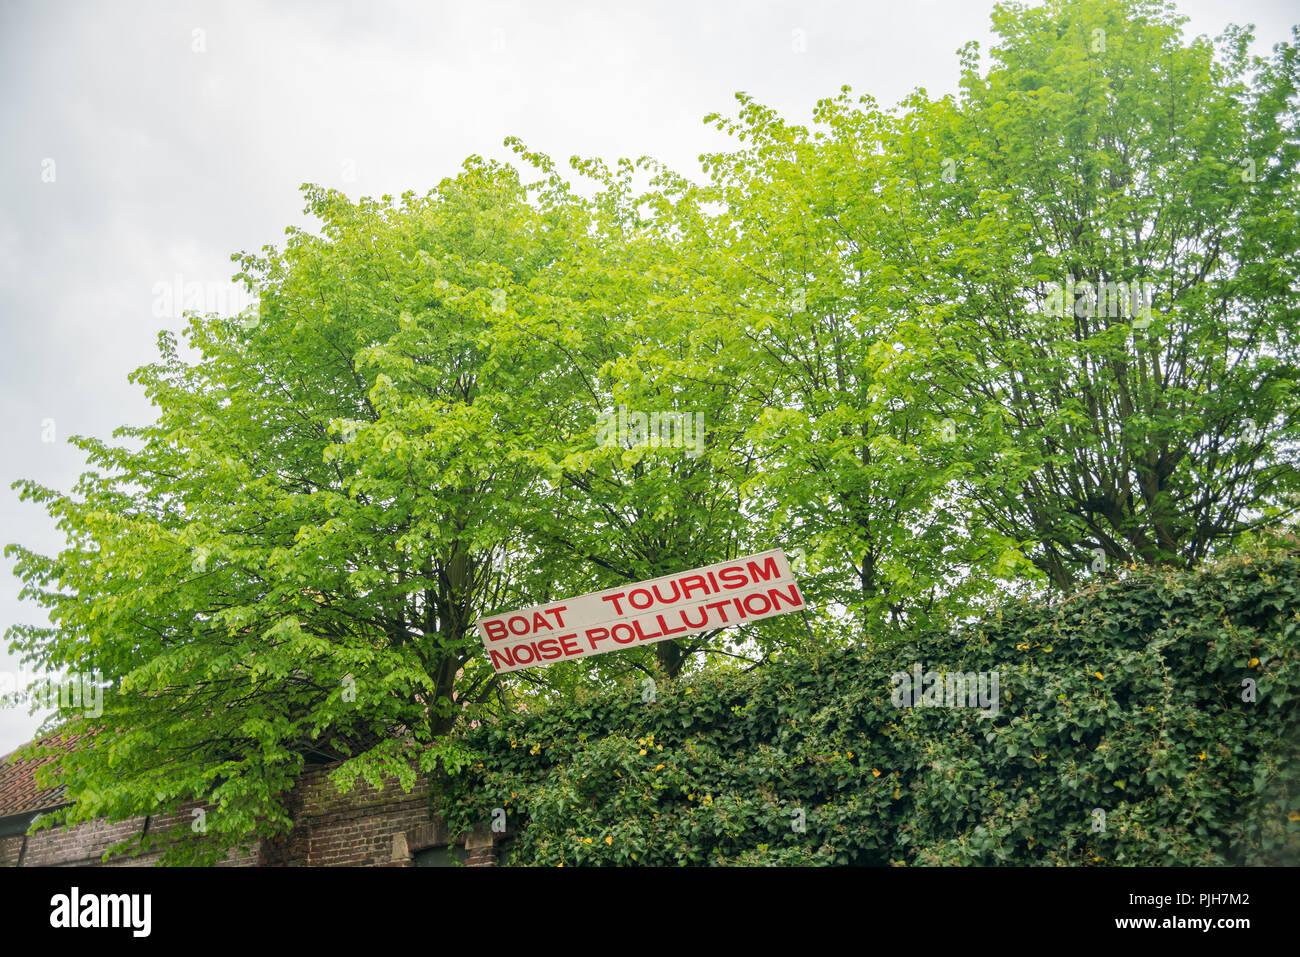 Signe de la pollution sonore tourisme Bateau à Gand, Belgique Photo Stock